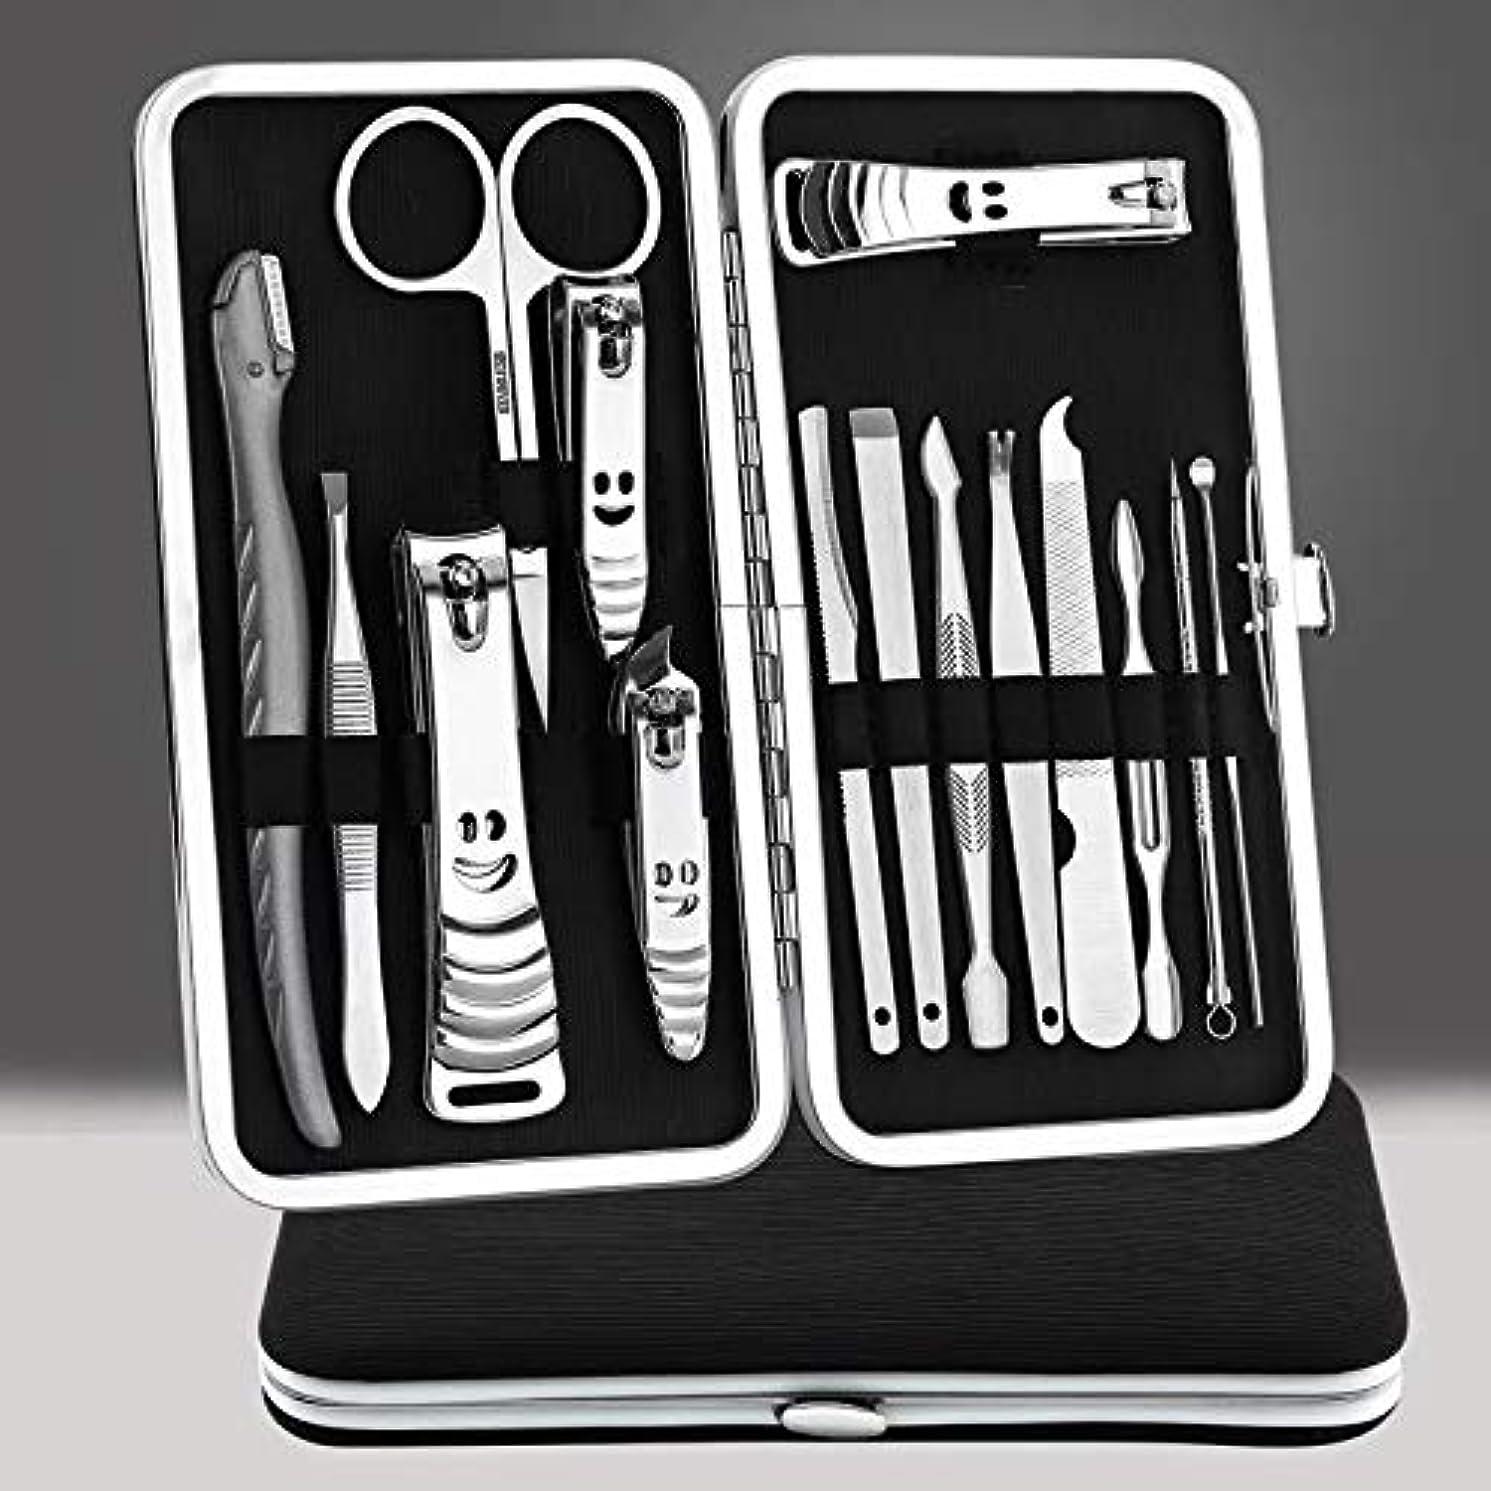 乱気流代名詞促す爪切り15個セット 15PCS爪切りセット 爪修理ツールセット マニキュアツール(ステンレス製)